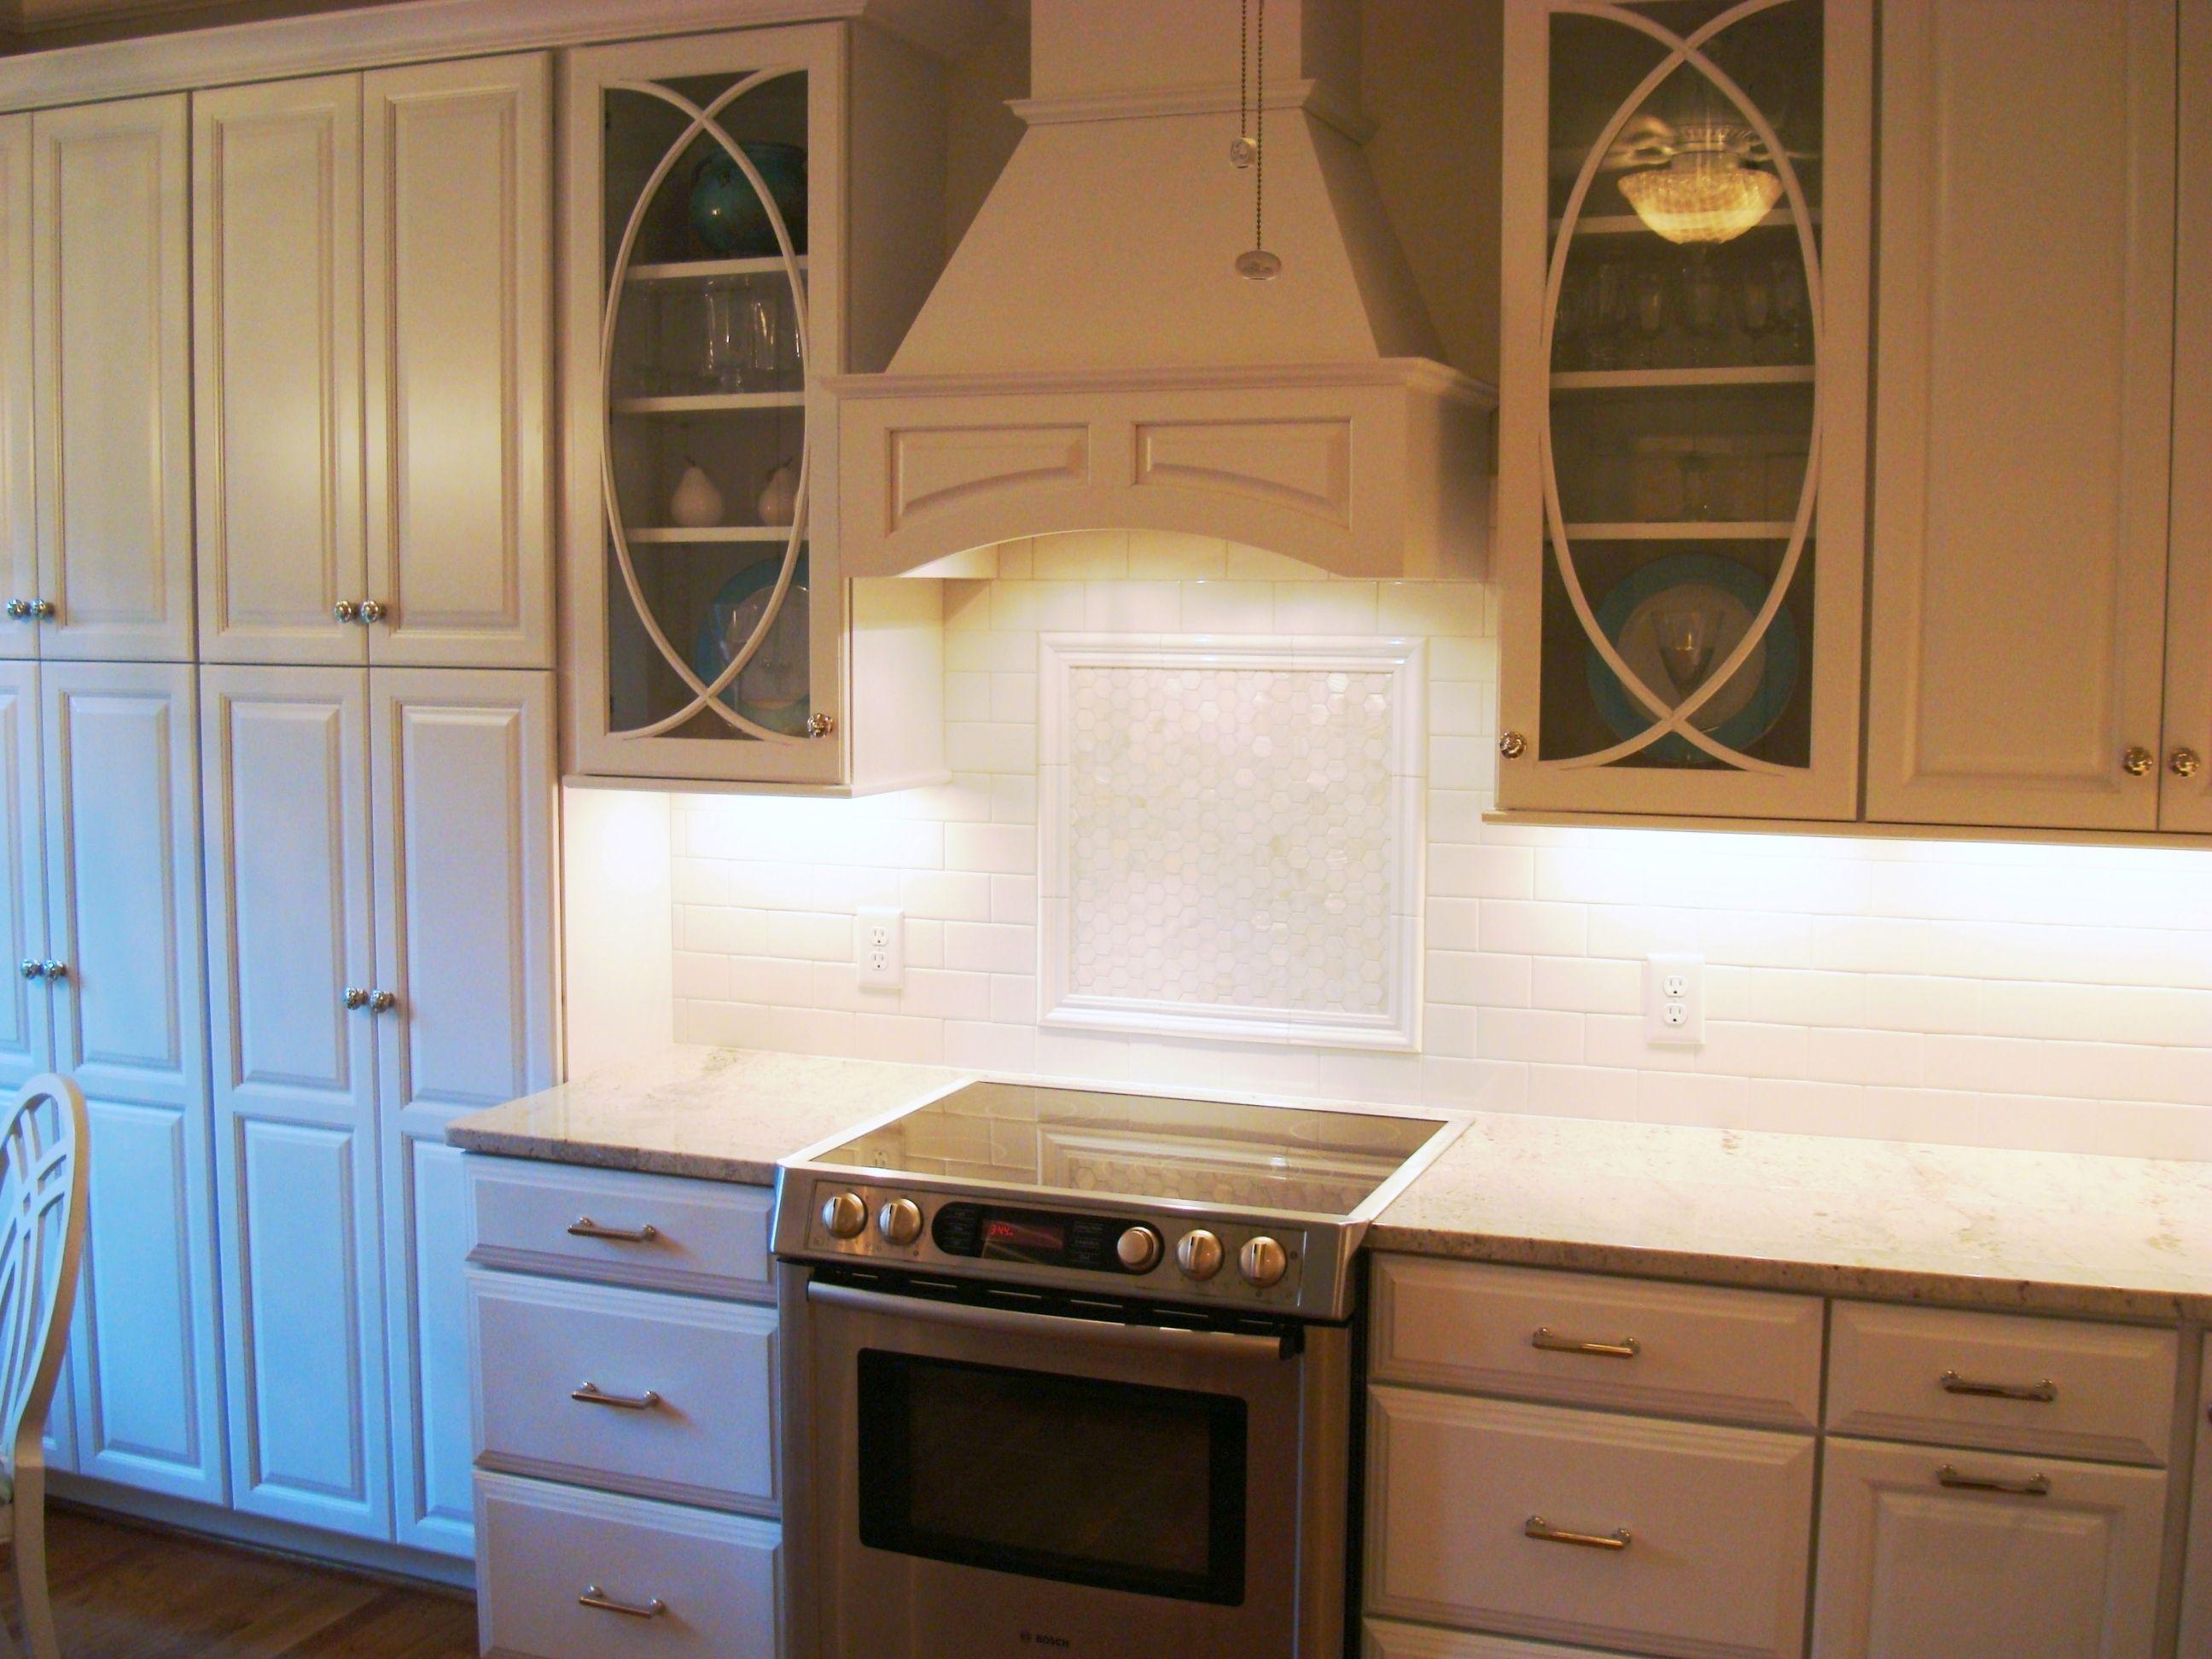 Nicht Fortgeführten Küche Schränke Kabinett Einer Überarbeitung Der  Oberfläche Columbus Ohio Artikel Mit Ultra Wildleder Couch